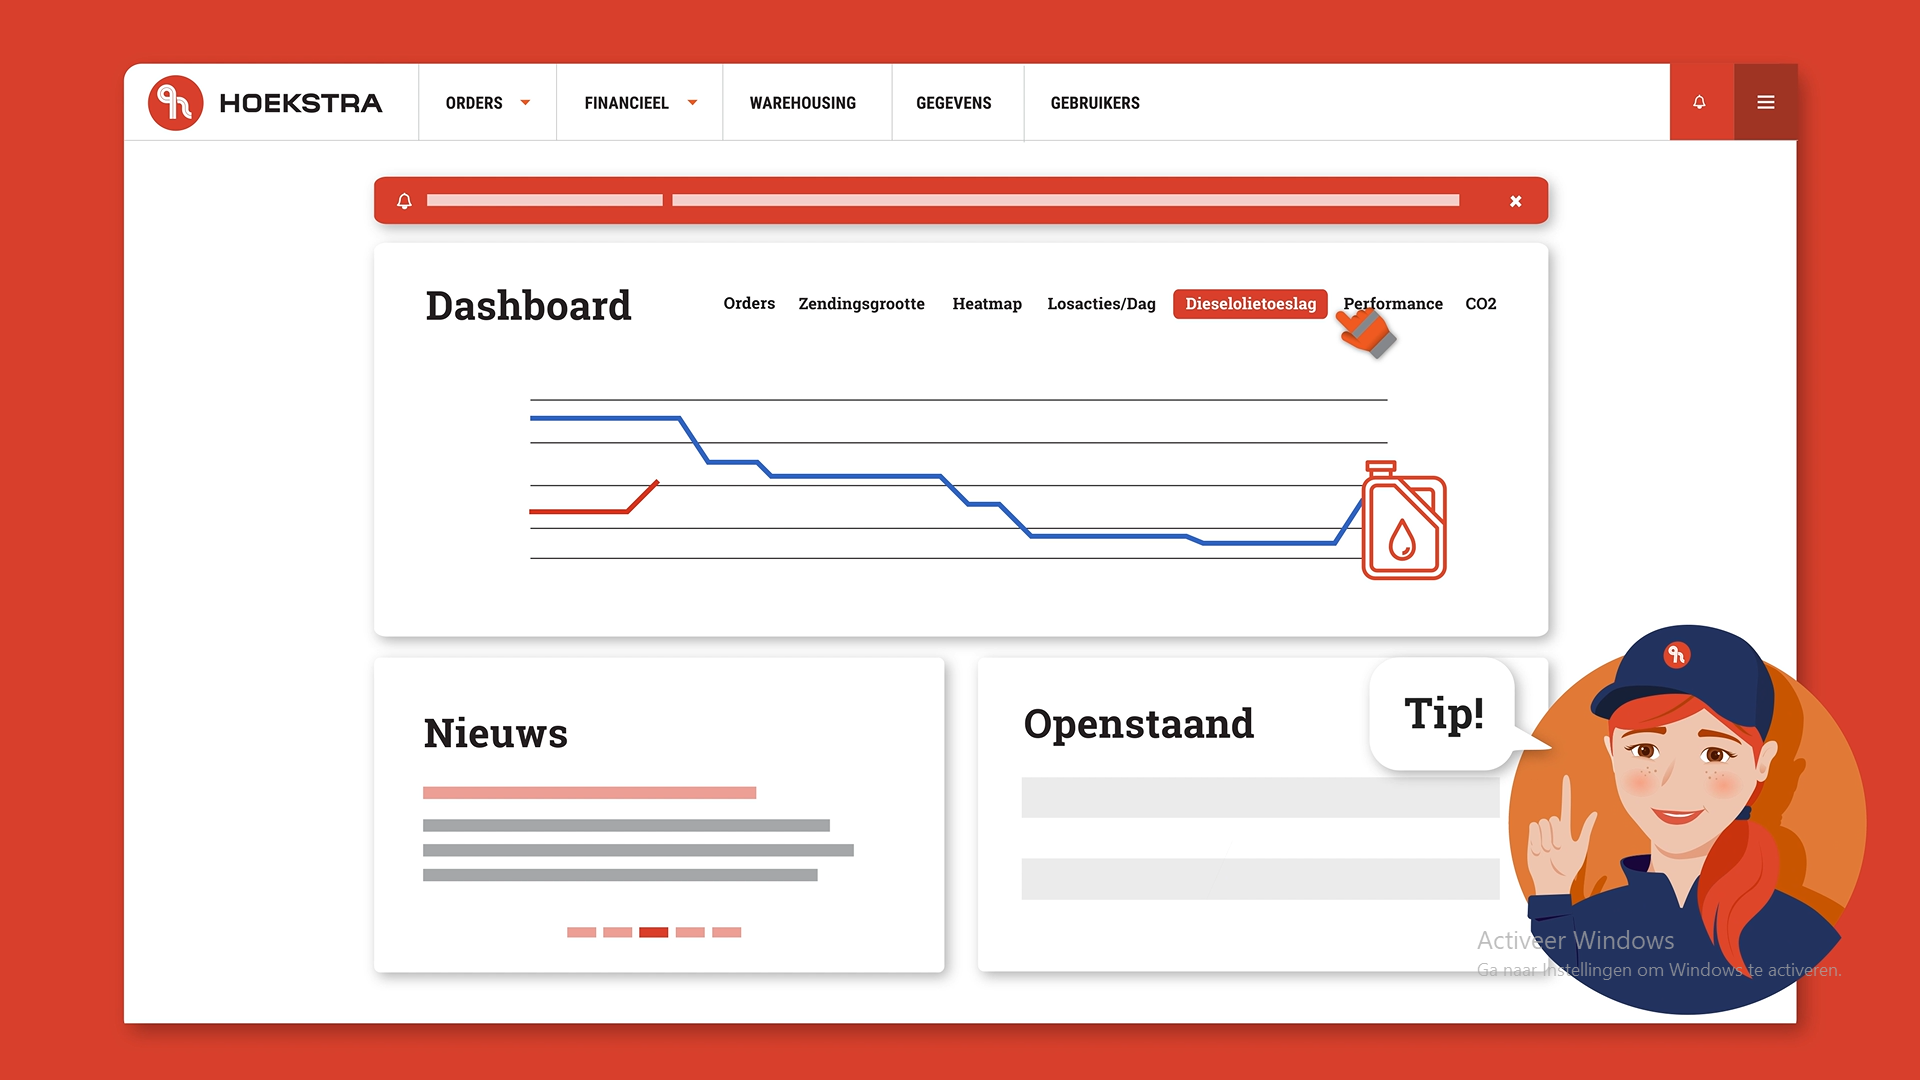 MijnHoekstra 2.0 - Ons nieuwe klantenportaal!